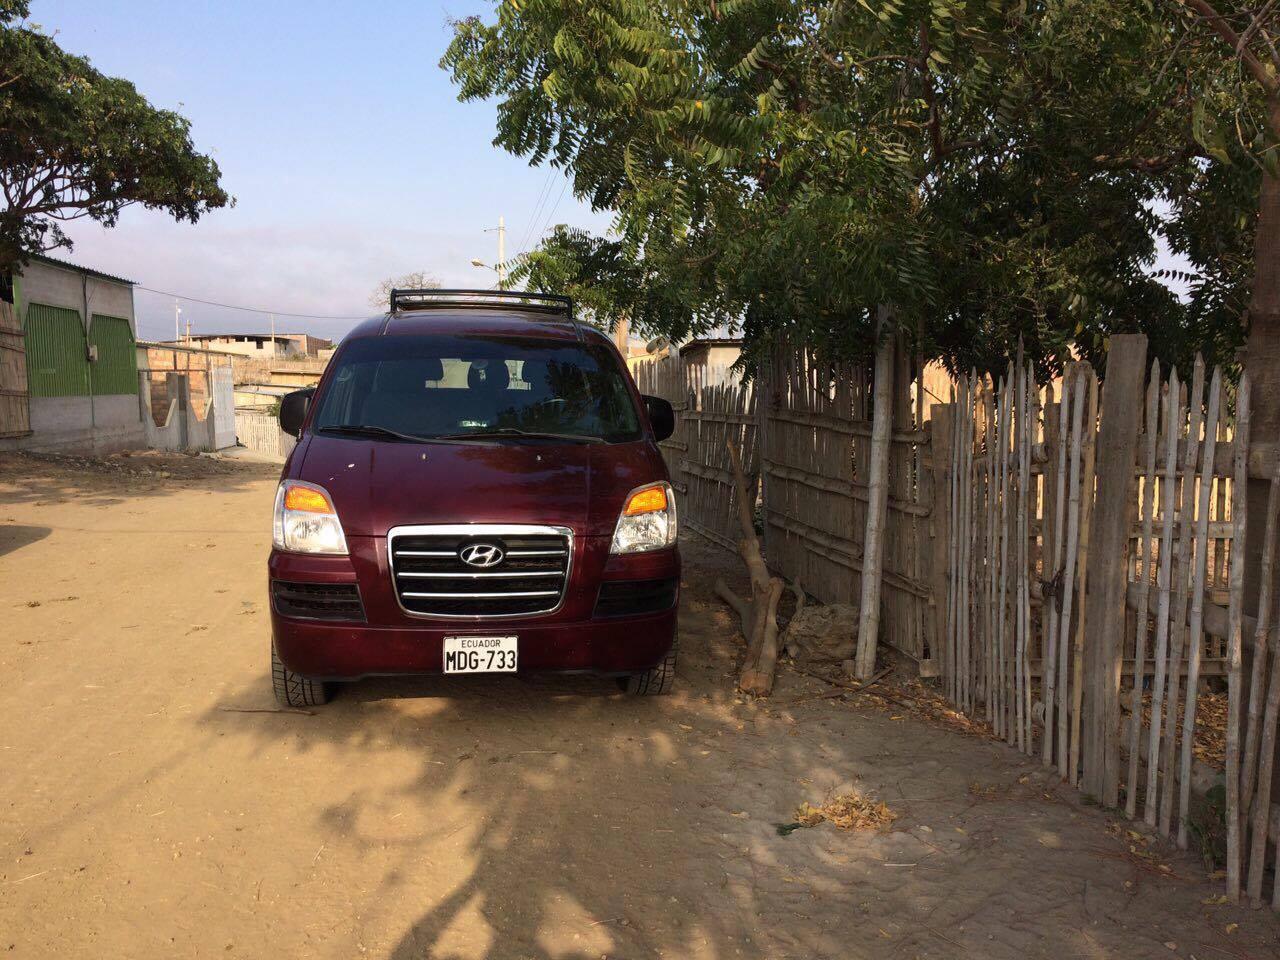 Policía recupera una furgoneta robada en Montecristi